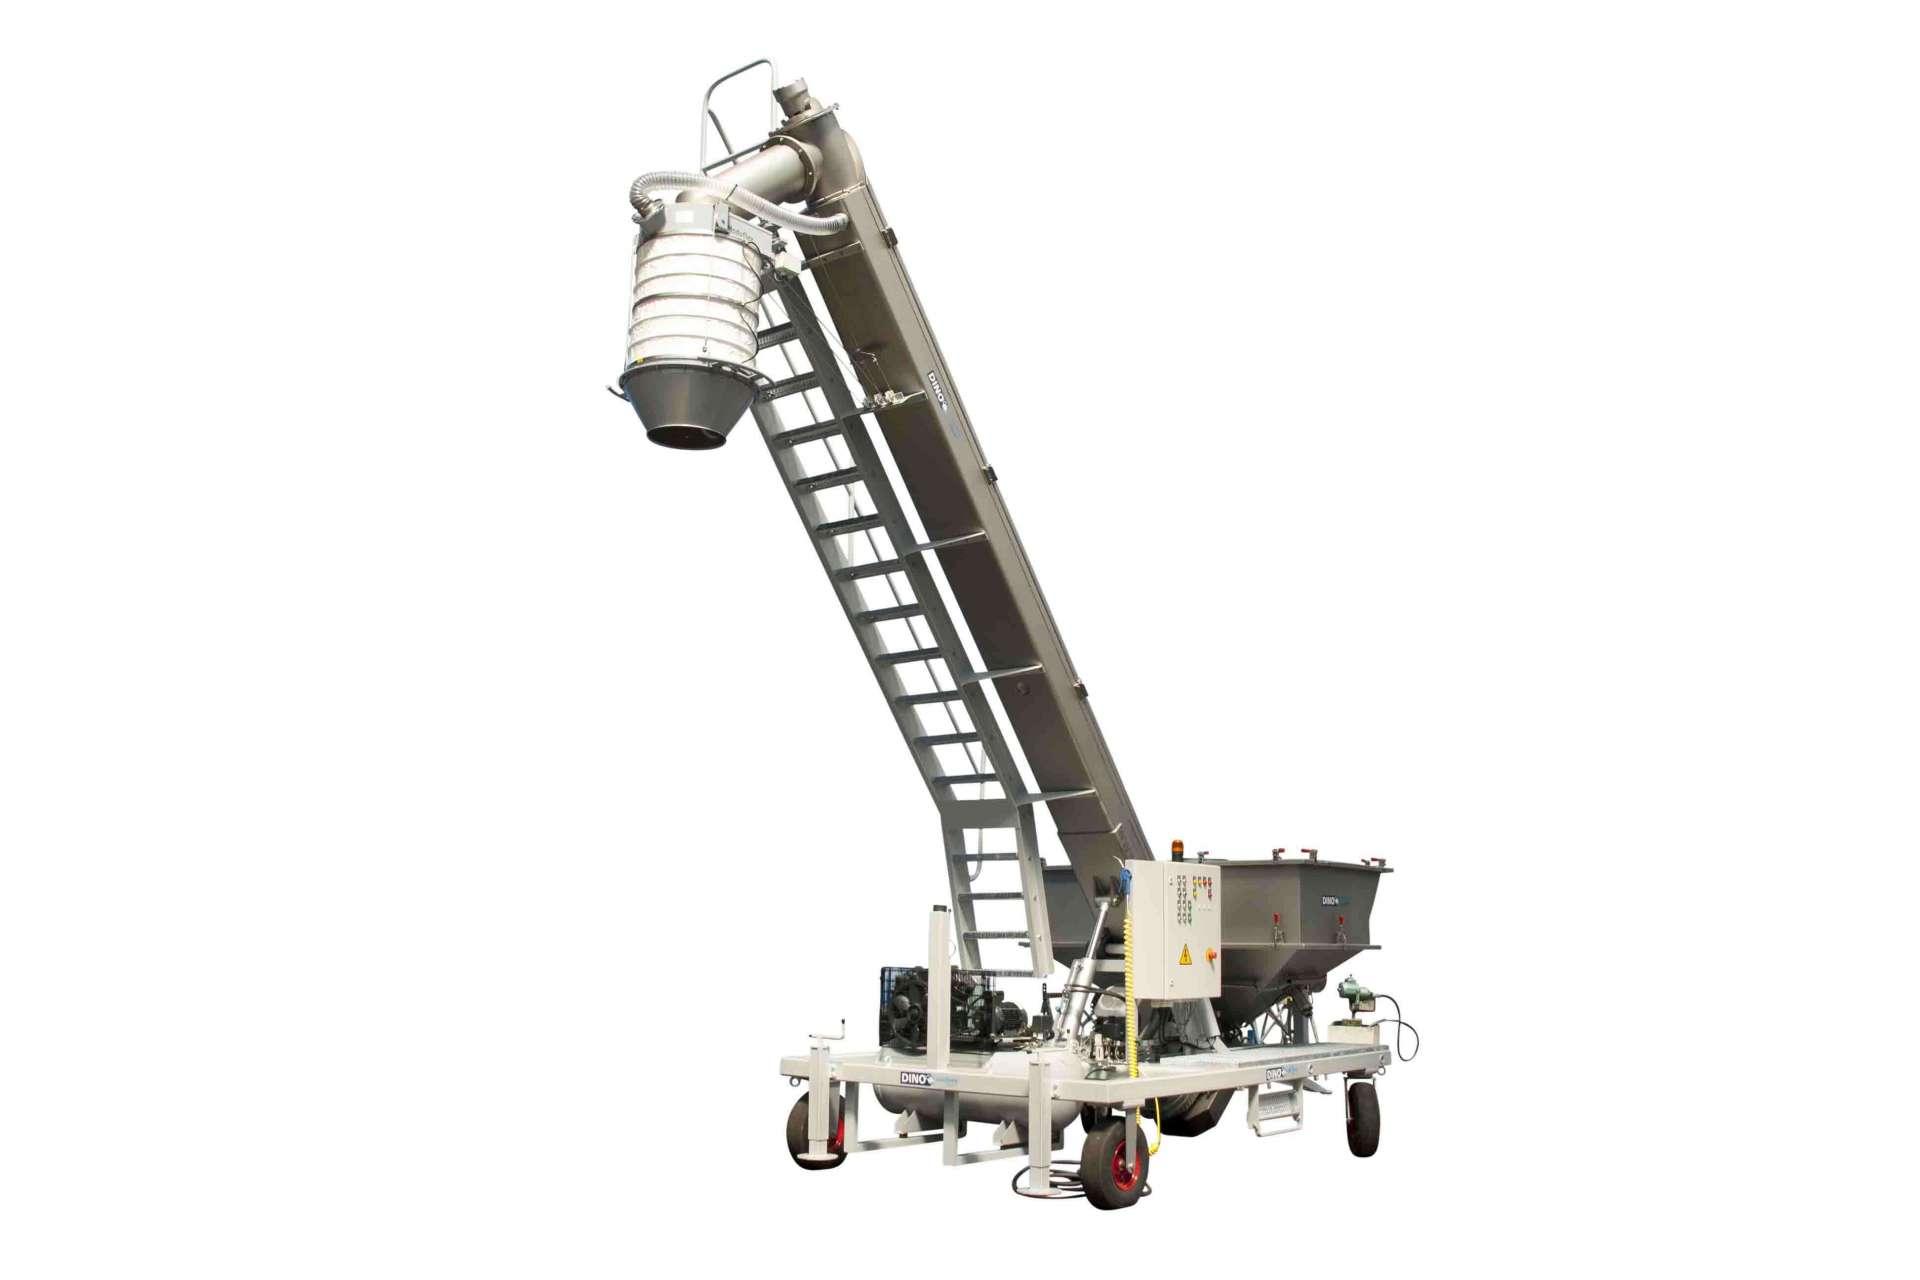 Chargement de camions Système DINO - Tripette et Renaud